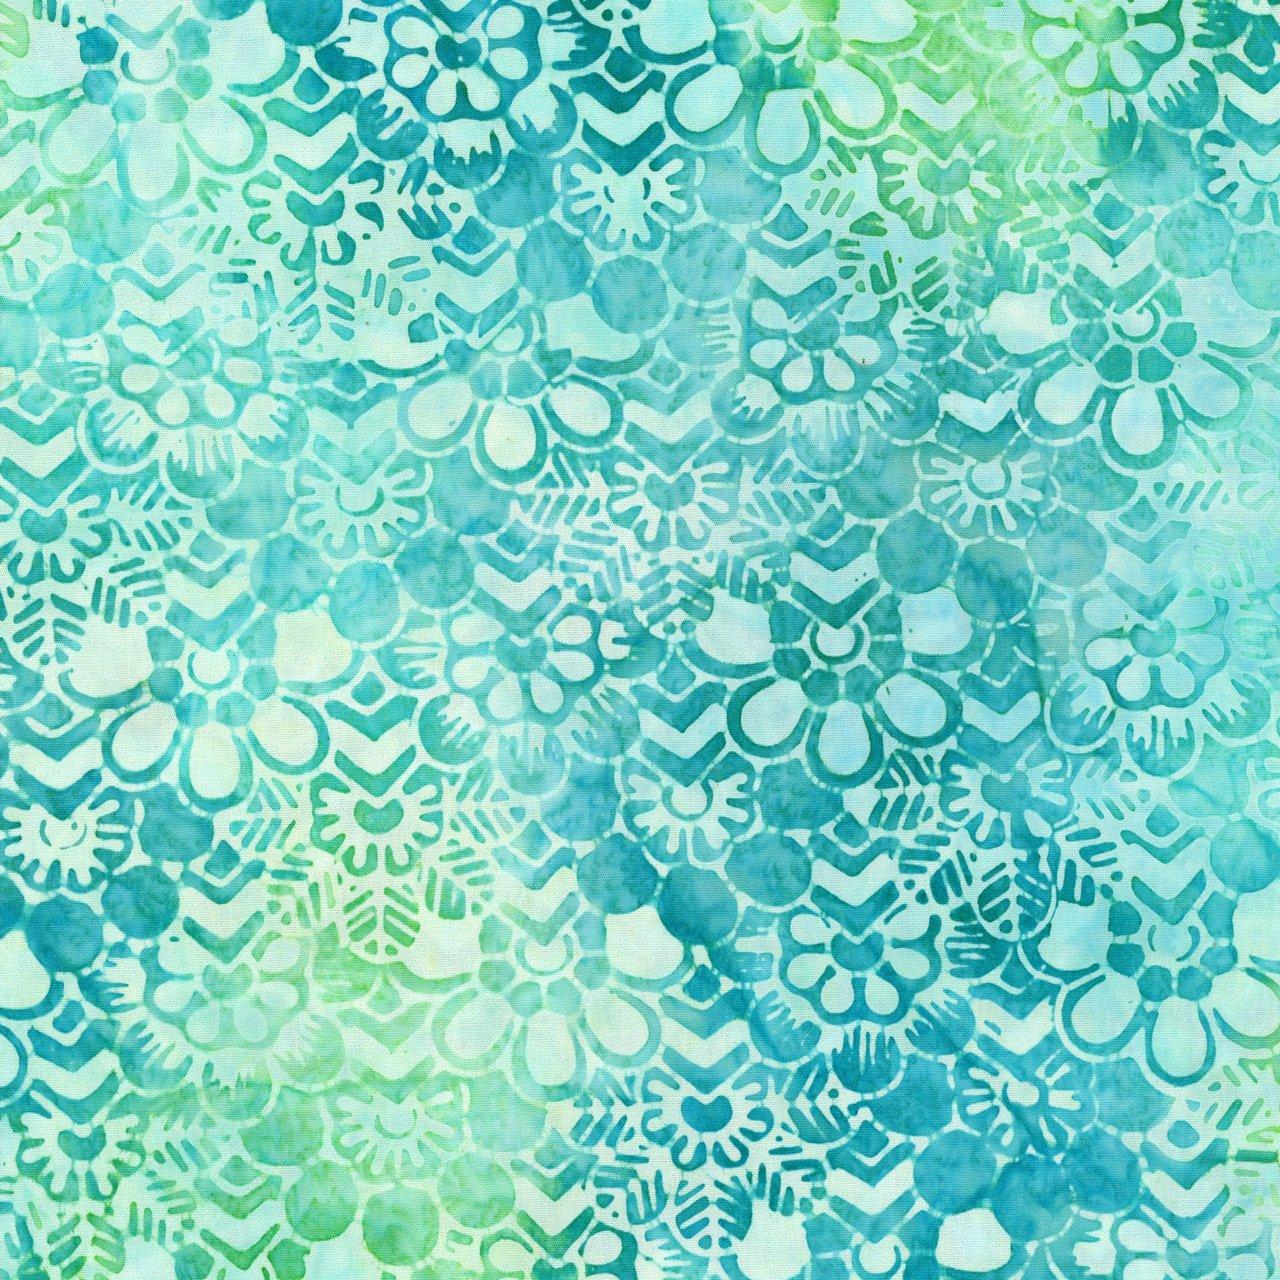 202Q Batik, Wall Paper Floral Teal